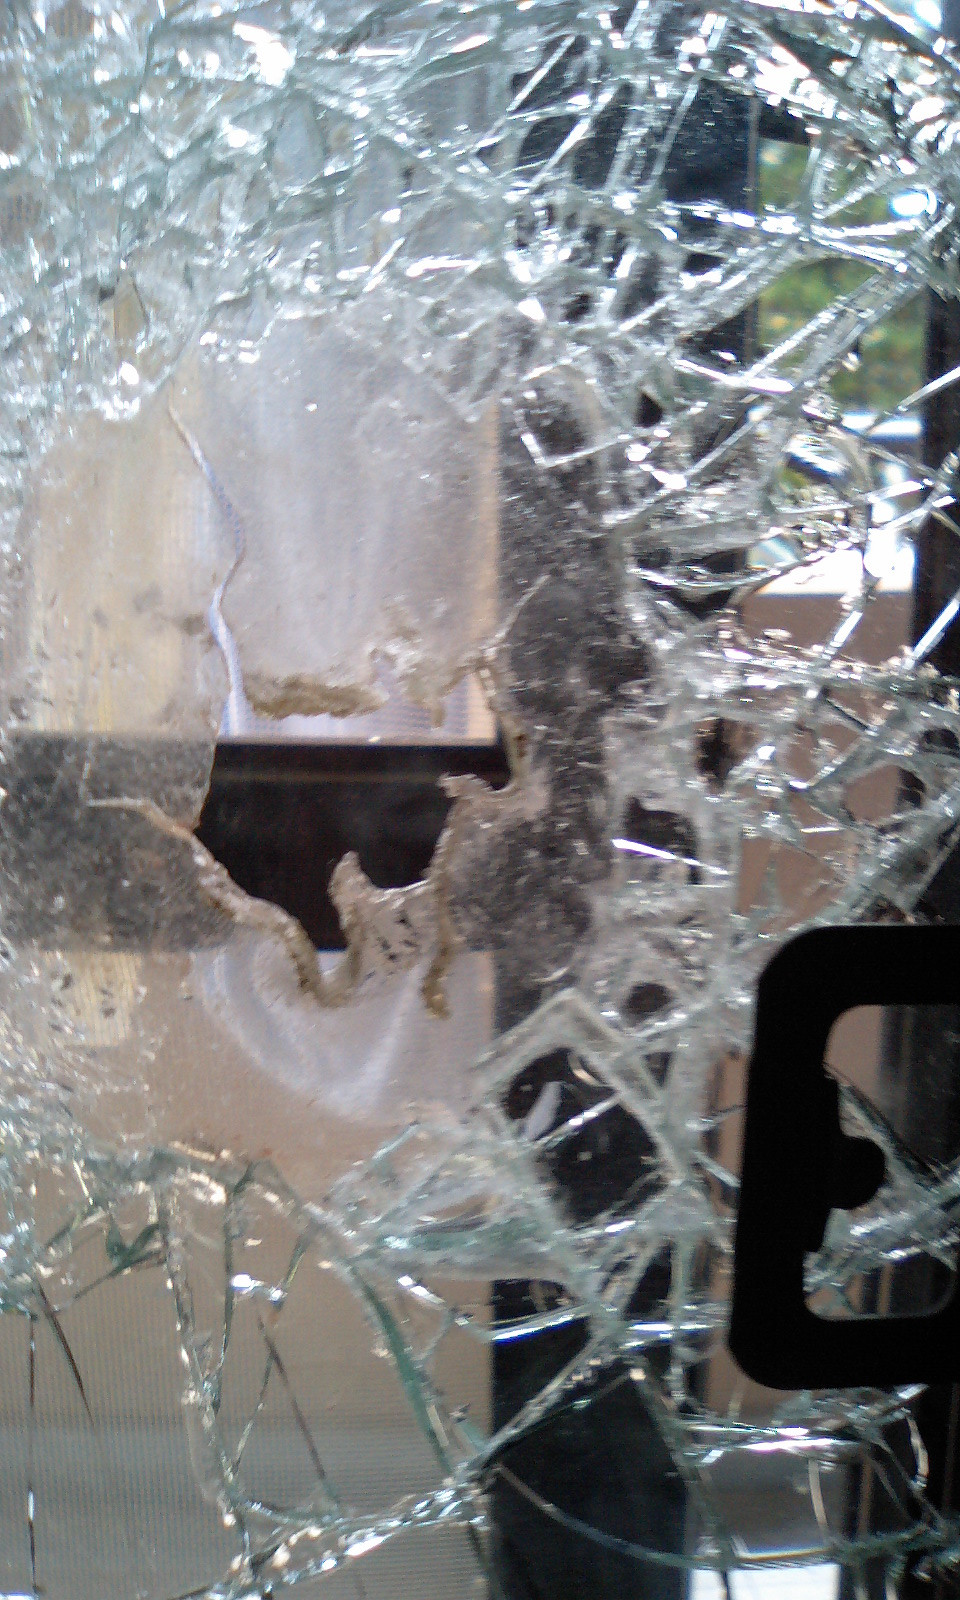 割れた防犯ガラス